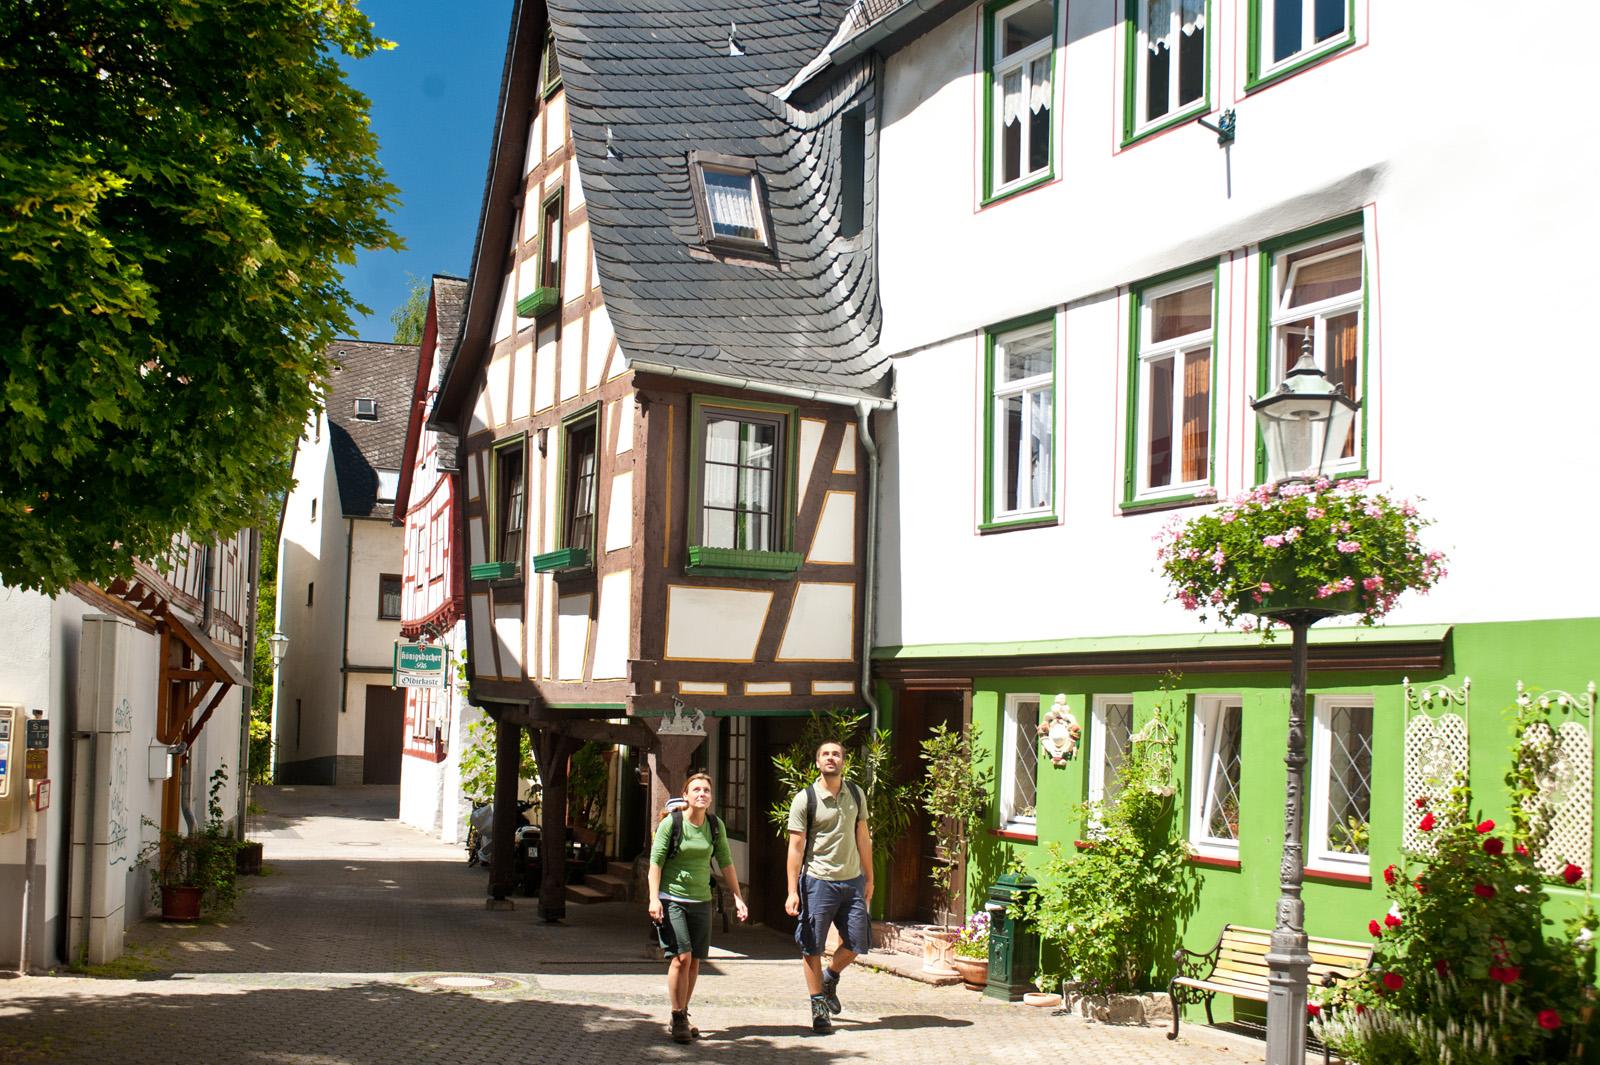 Historische Altstadt von Diez, Lahntal